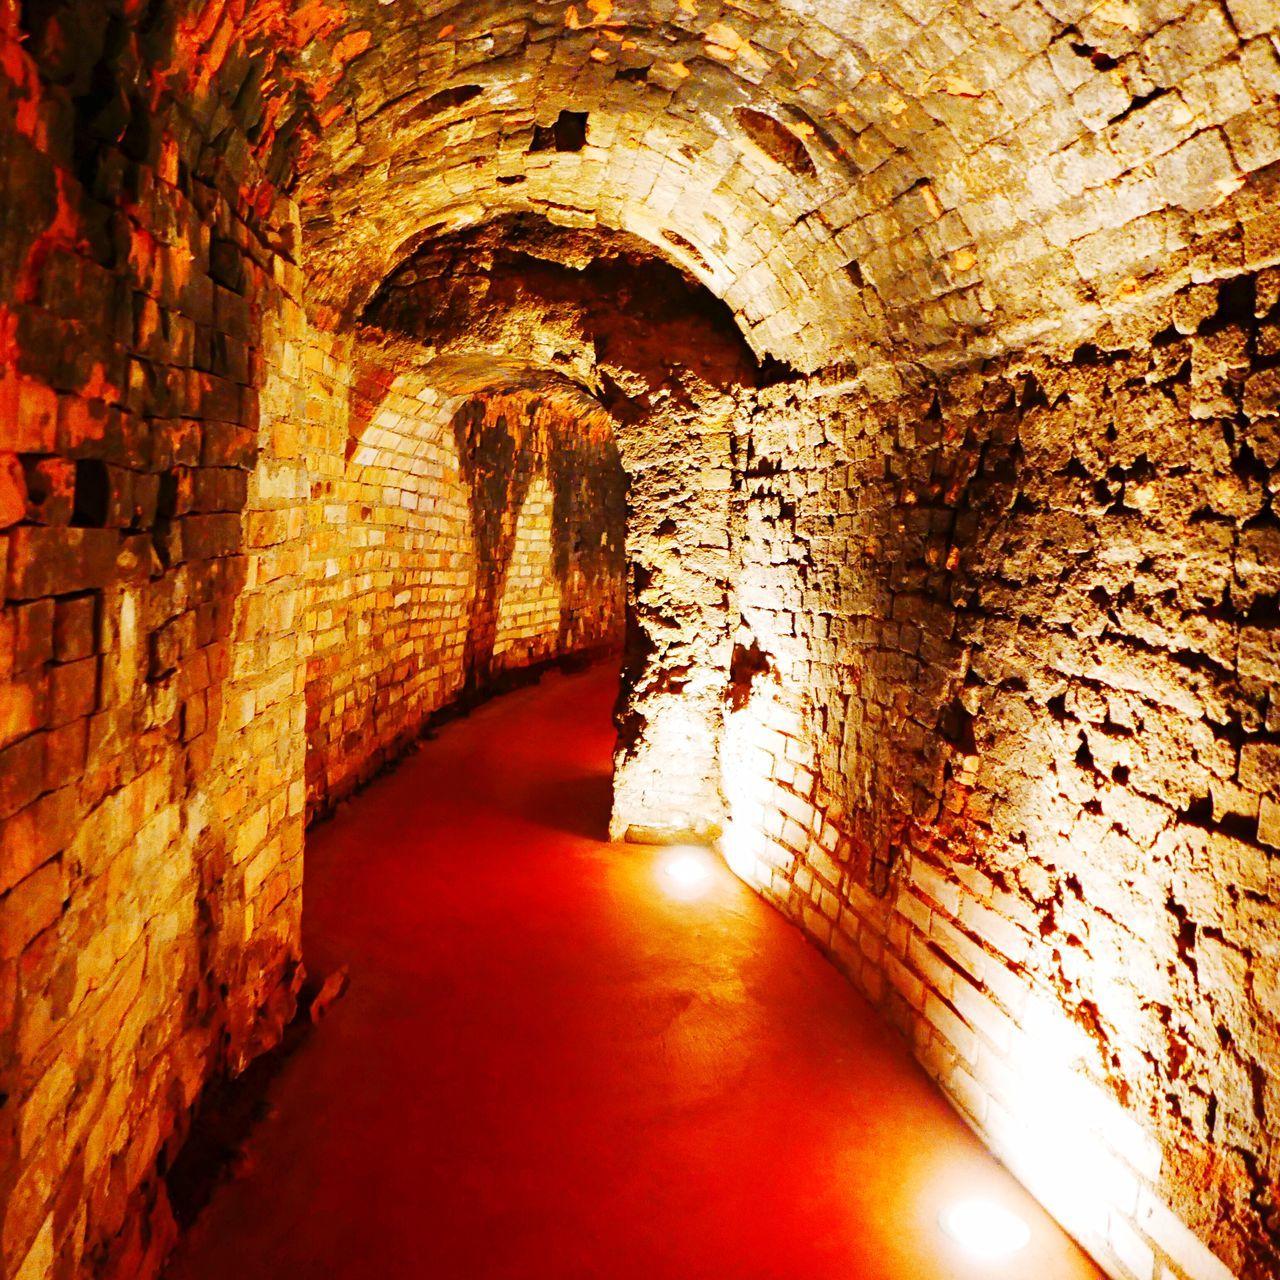 Illuminated Tunnel In Kunsthalle Ziegelhutte